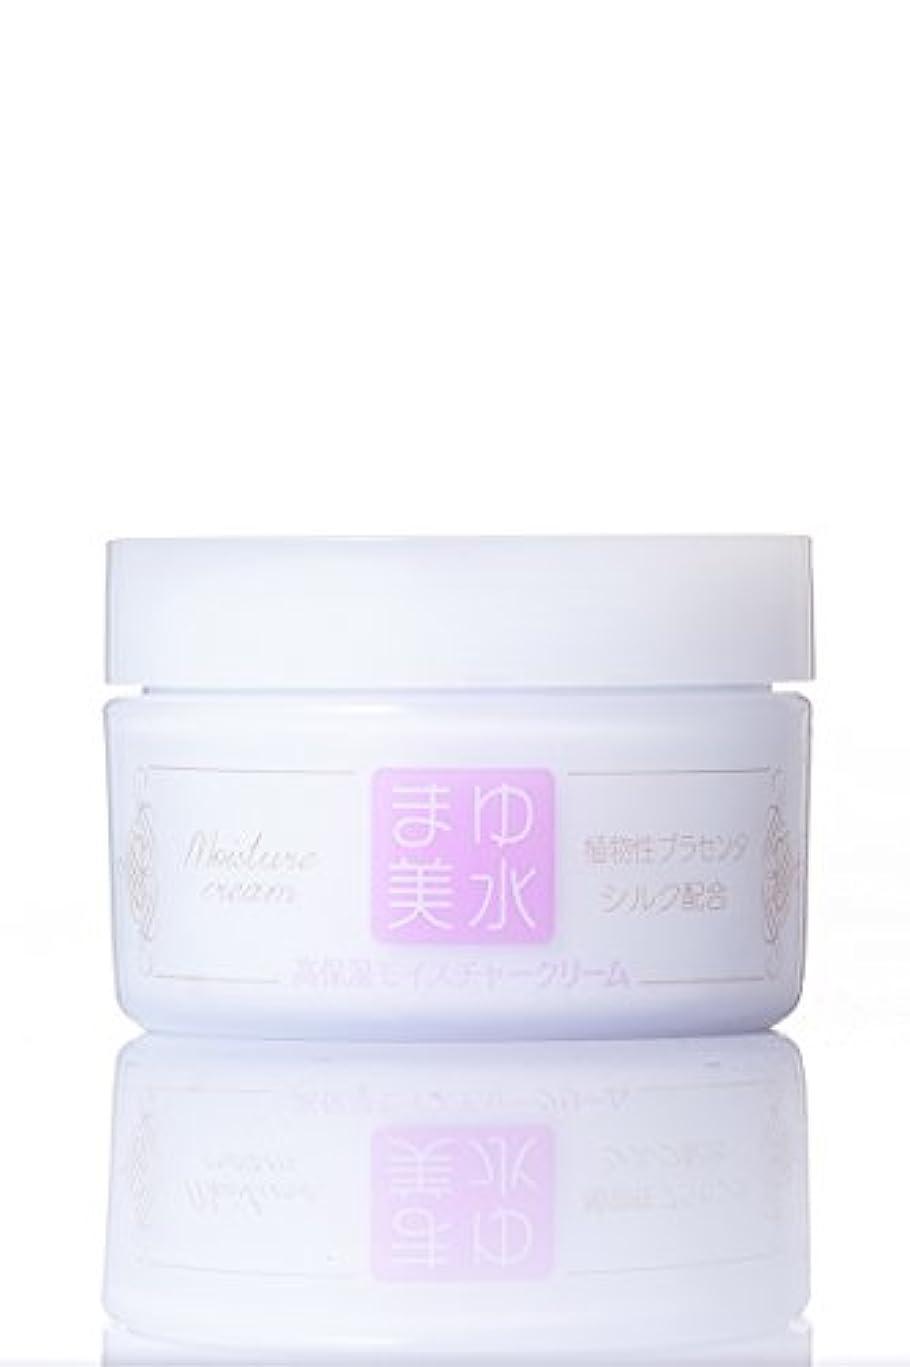 フェミニン香水トランザクションまゆ美水 高保湿モイスチャークリーム